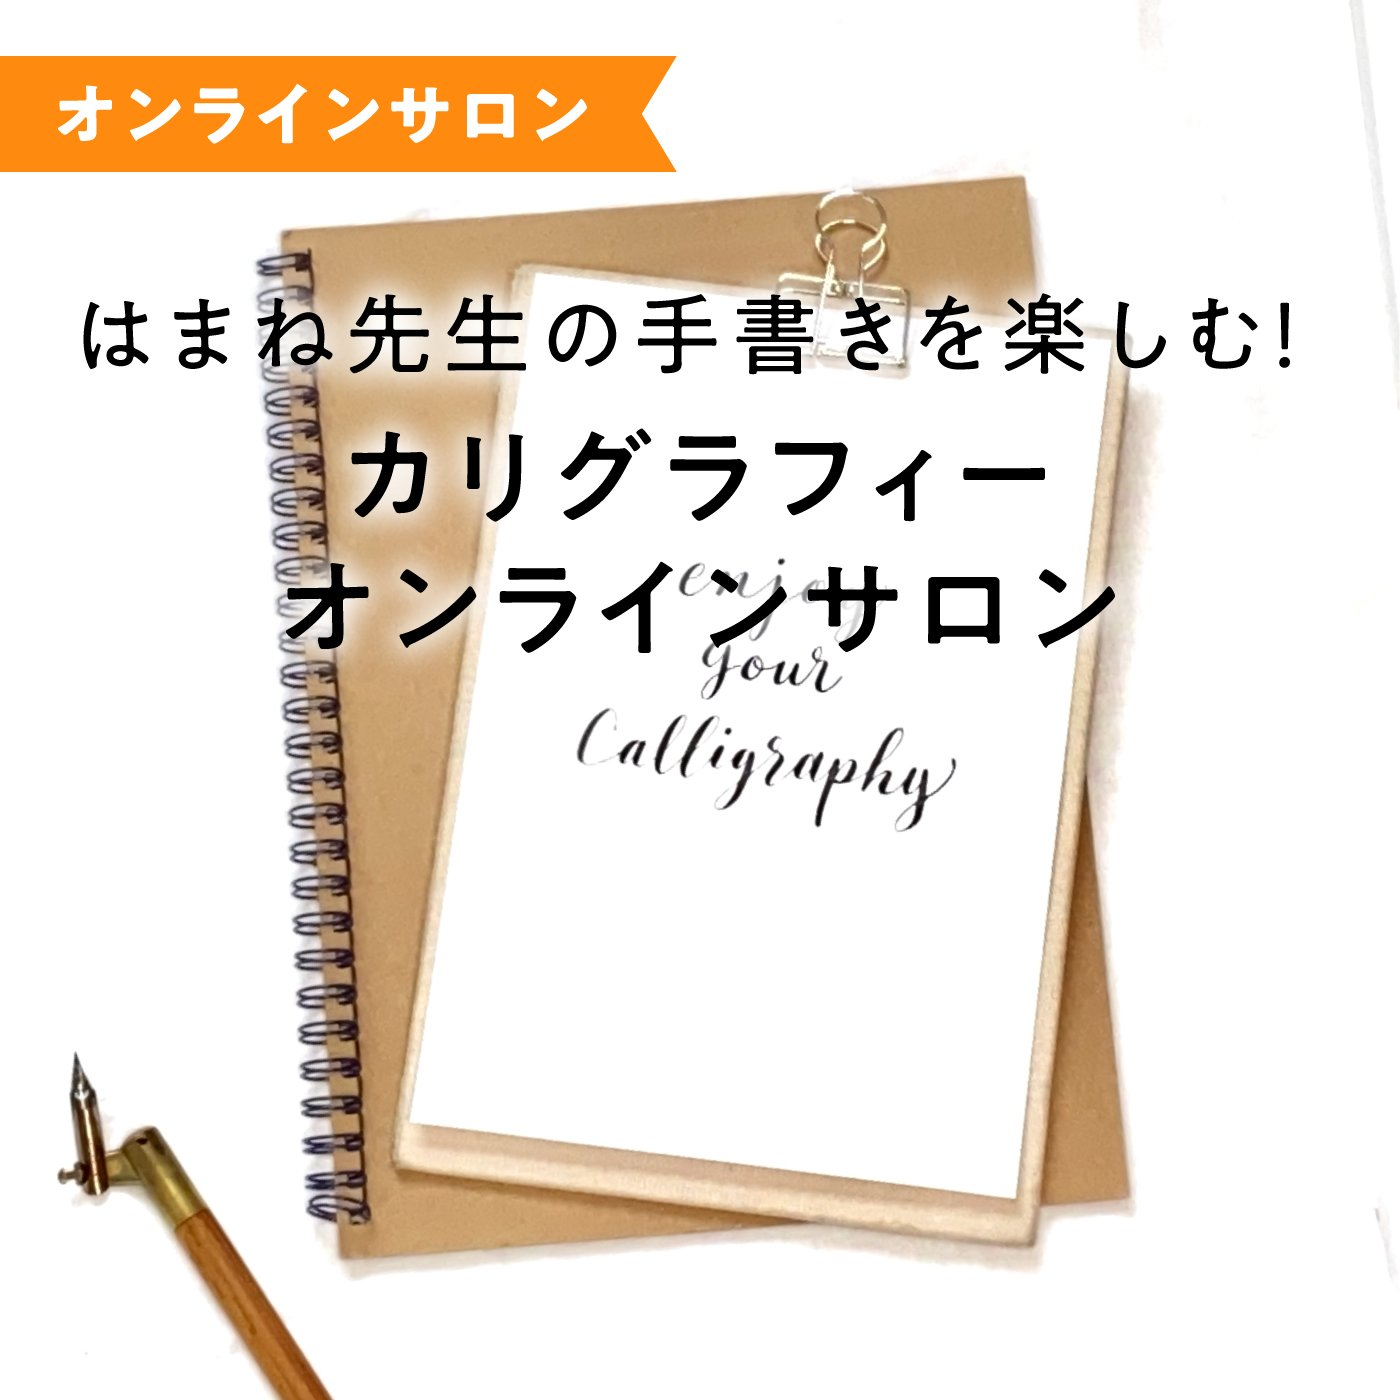 【オンラインサロン】はまね先生の手書きを楽しむ!  カリグラフィーオンラインサロン